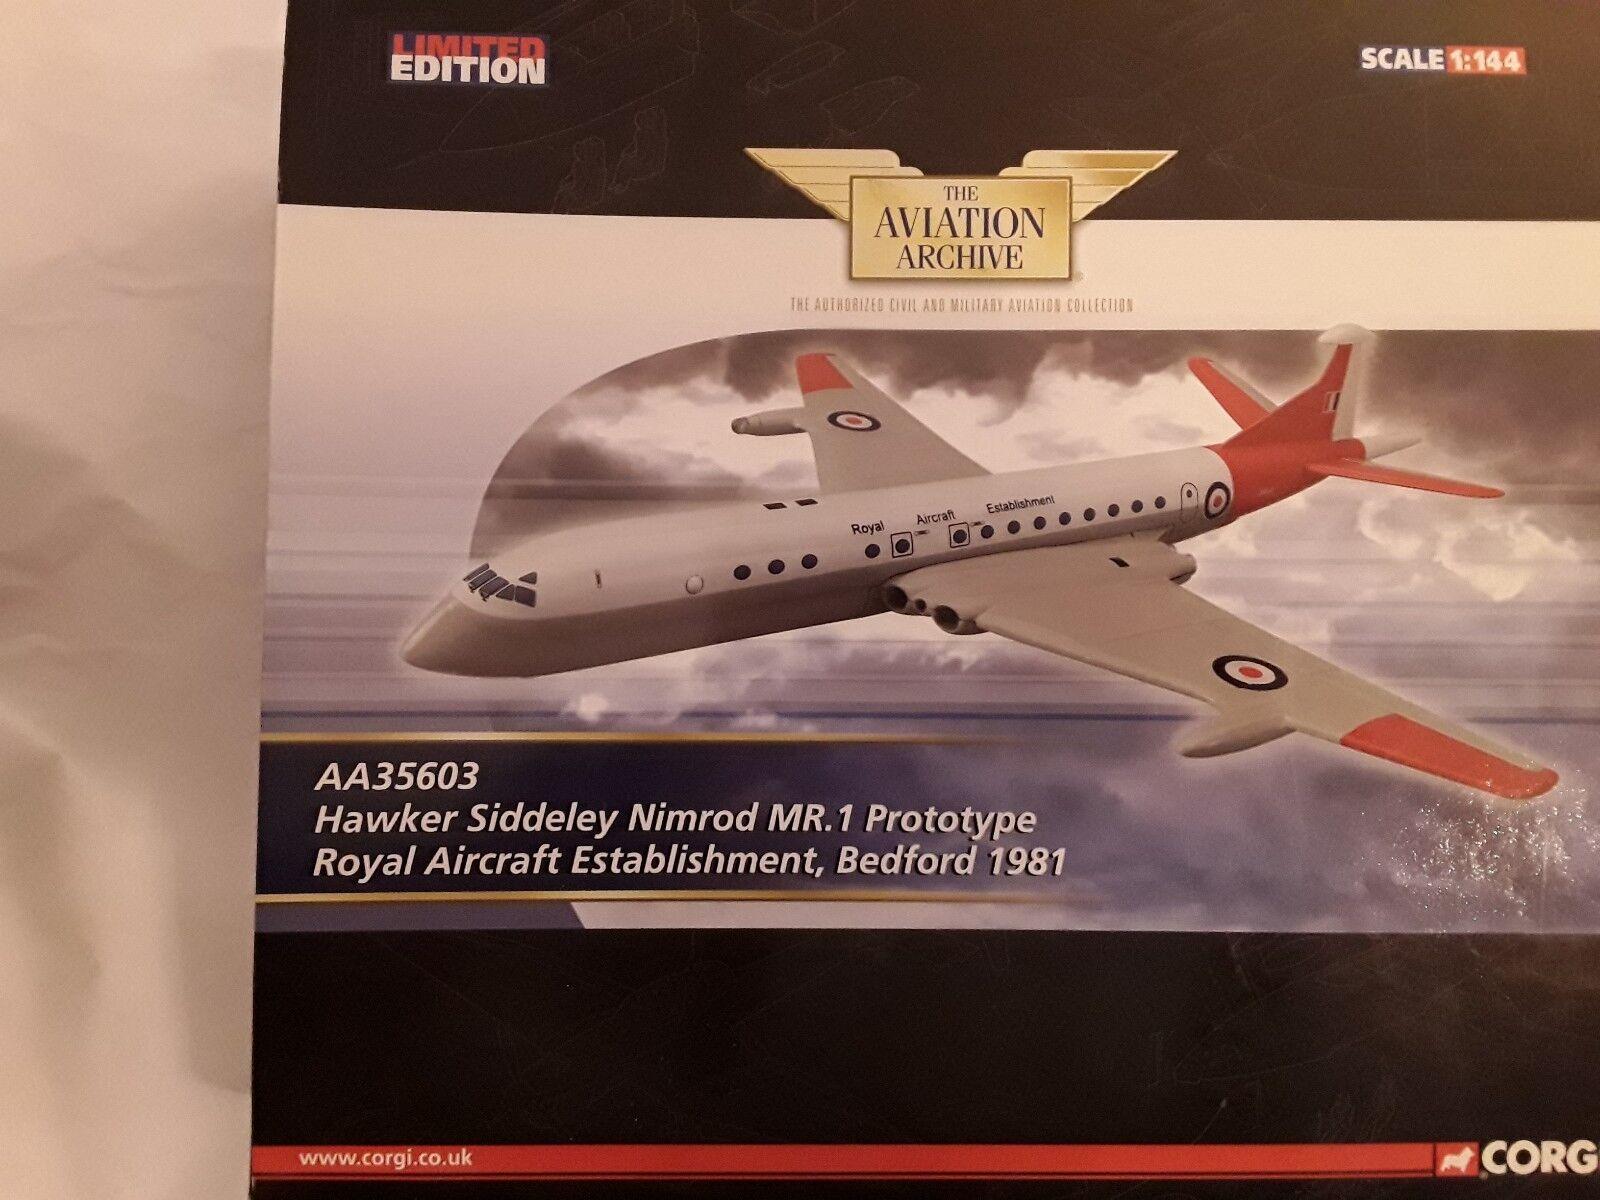 Hawker siddeley nimrod mr.1 prototyp royal flugzeuge 1981  1 144 corgi aa35603